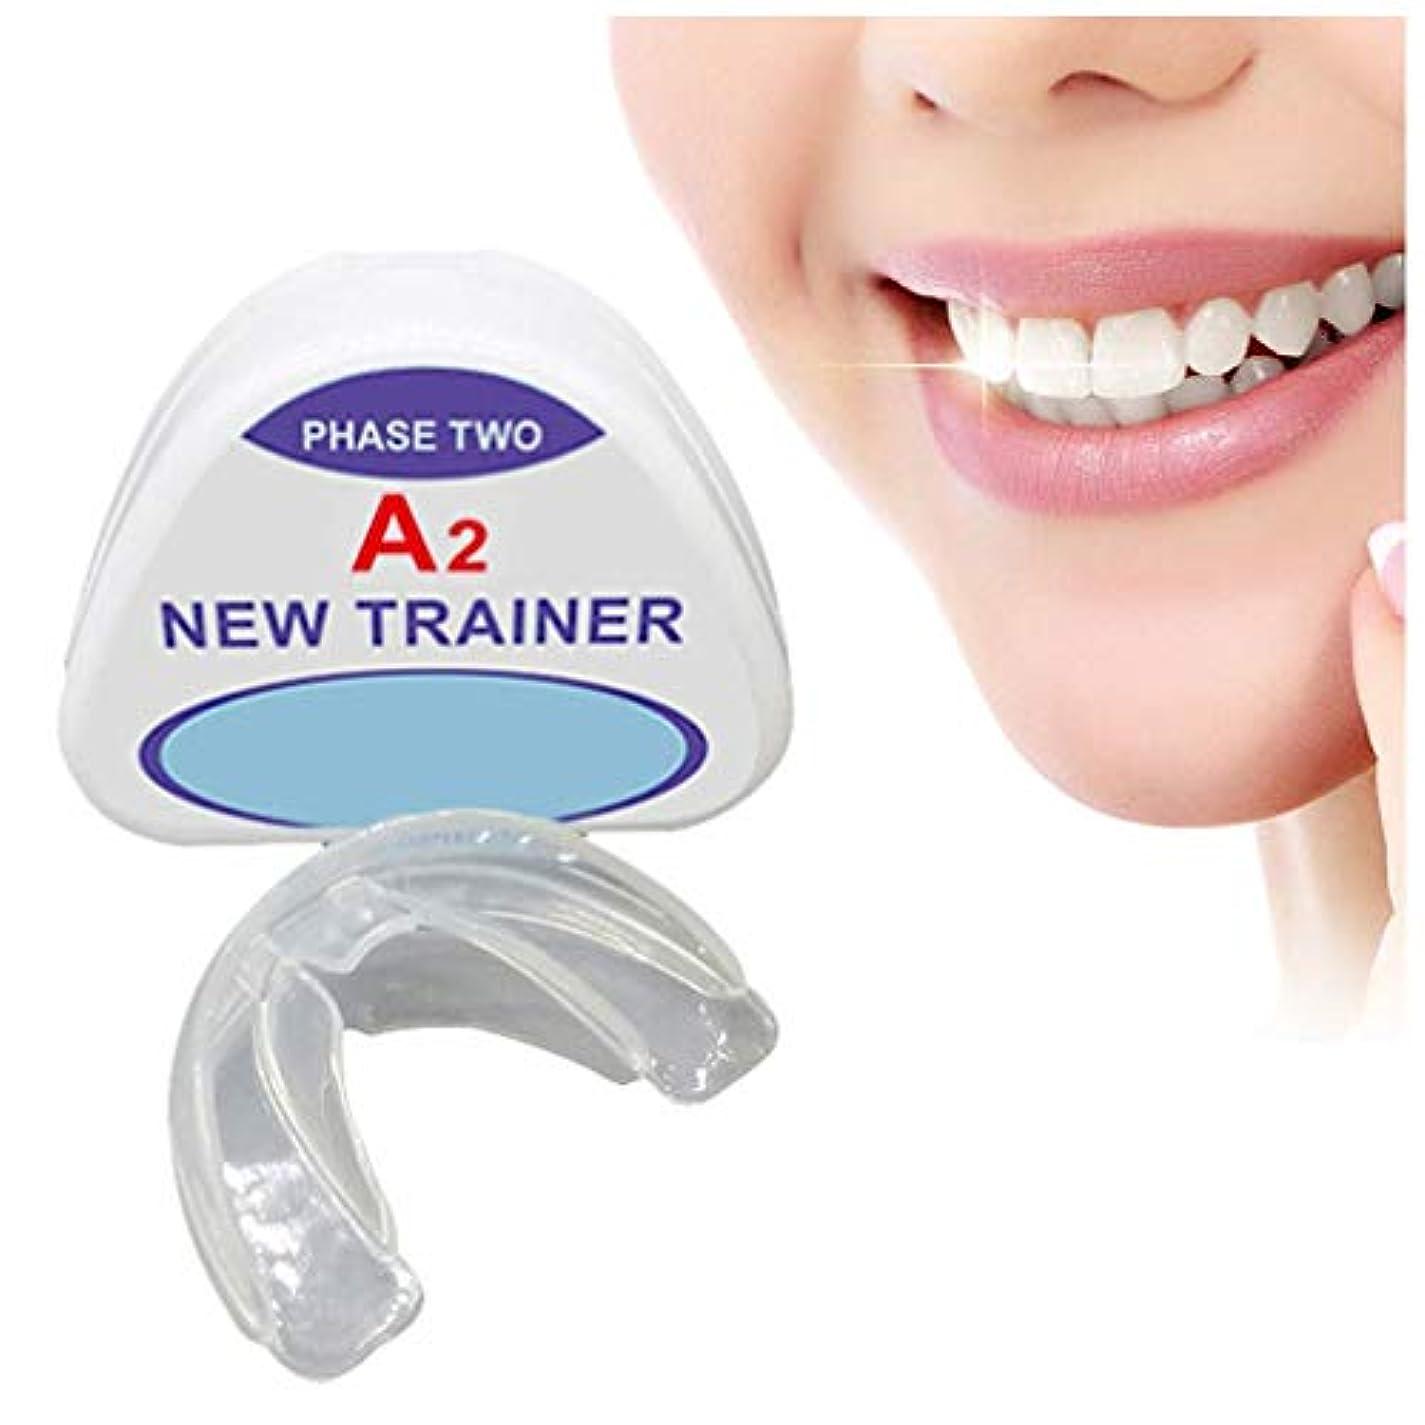 解釈する臨検スリンク歯列矯正トレーナーリテーナー、歯科用マウスガード歯列矯正器具、歯用器具夜予防臼歯ブレース